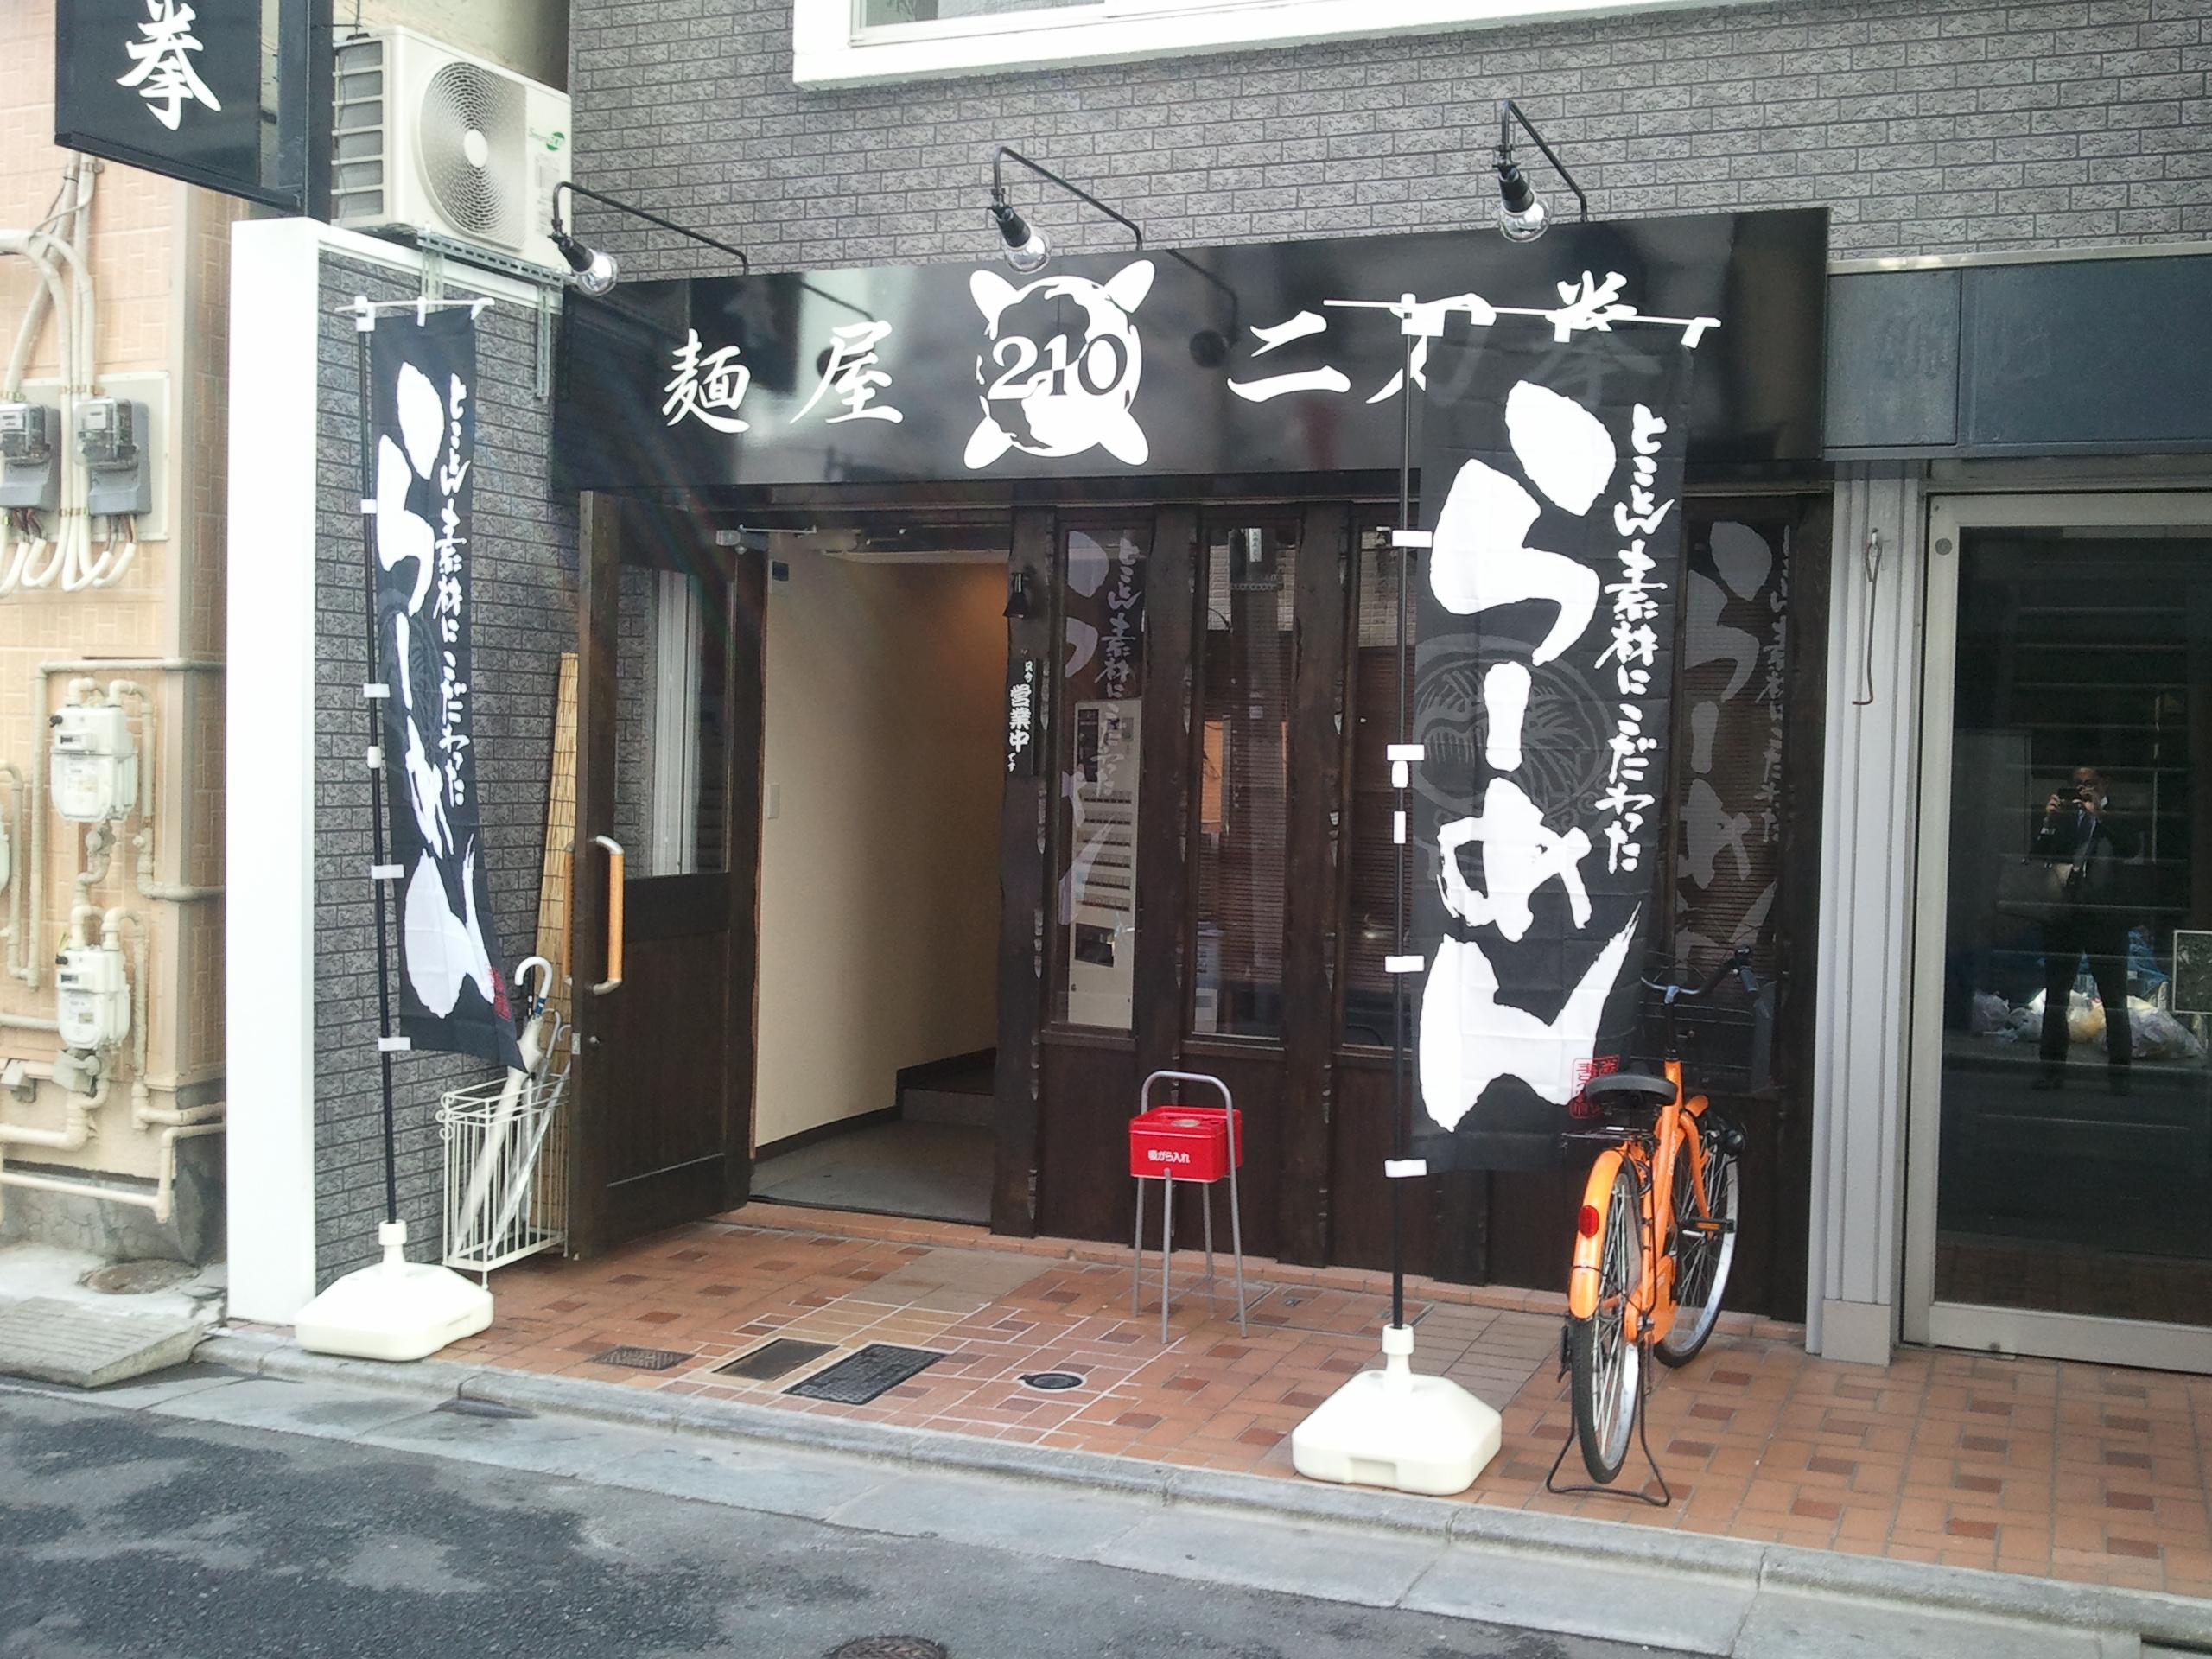 錦糸町 麺屋 二刀拳 様